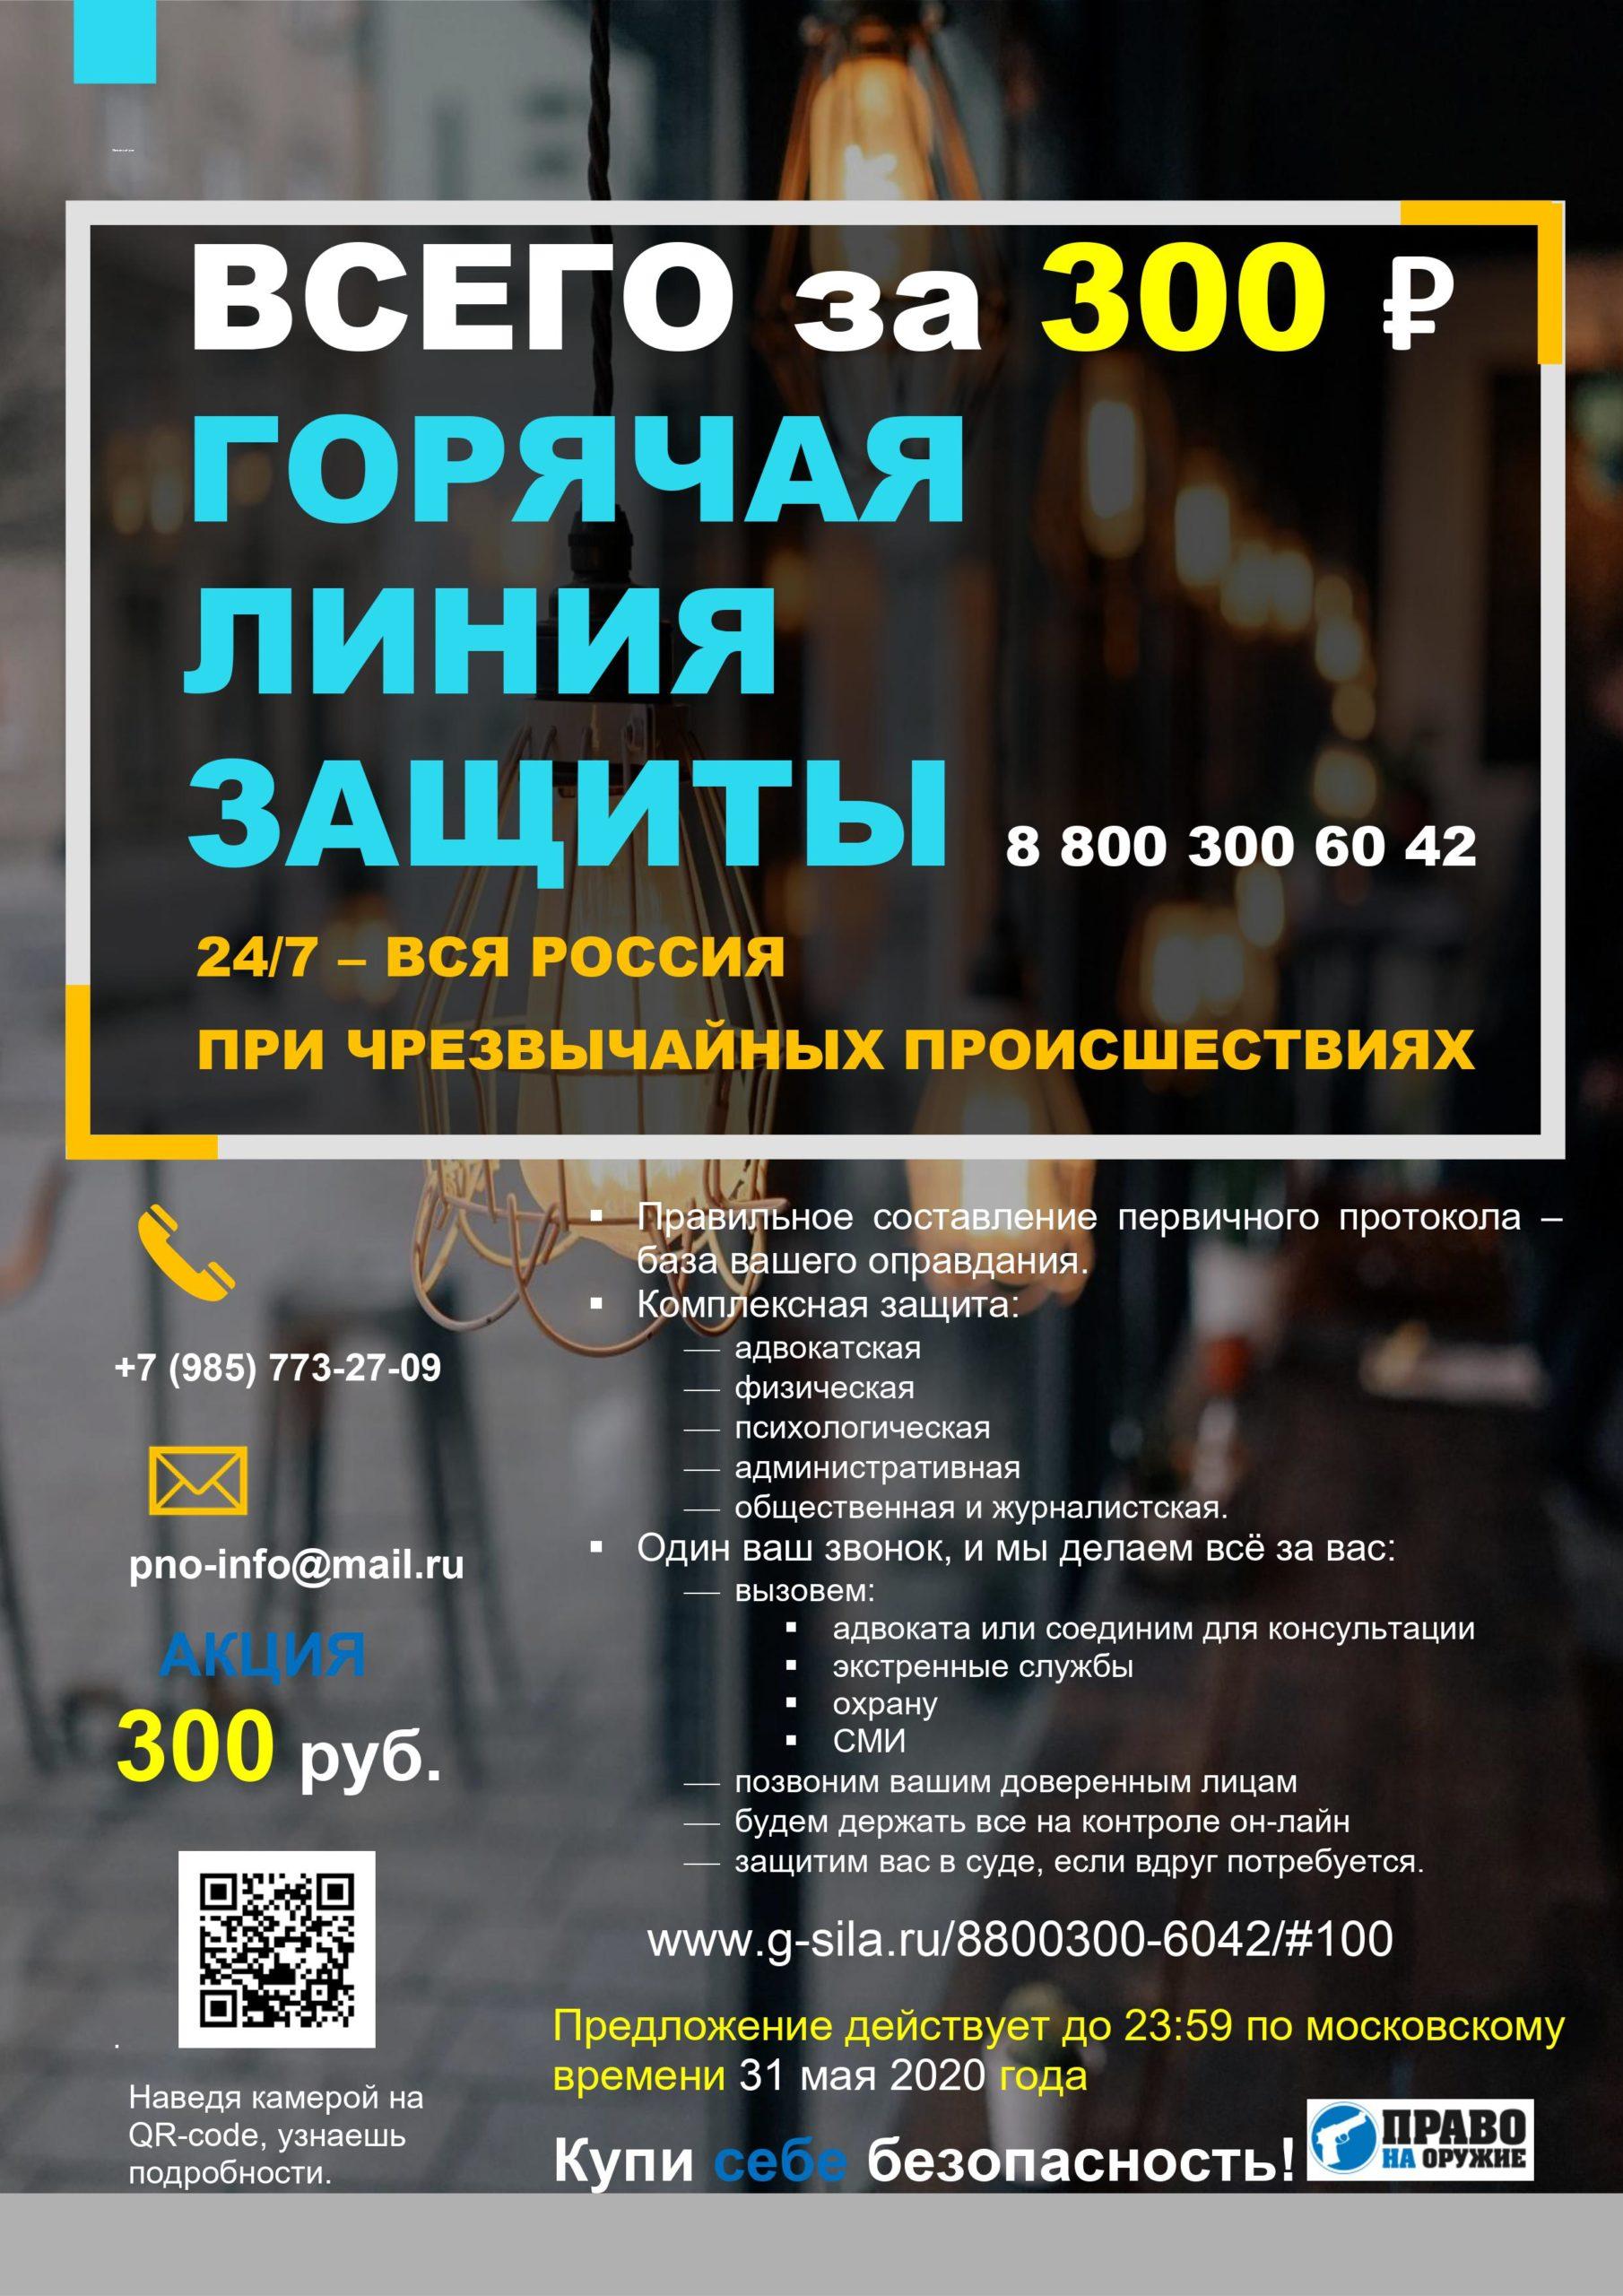 """Акция 300р Федеральная горячая линия защиты и жизни граждан"""""""